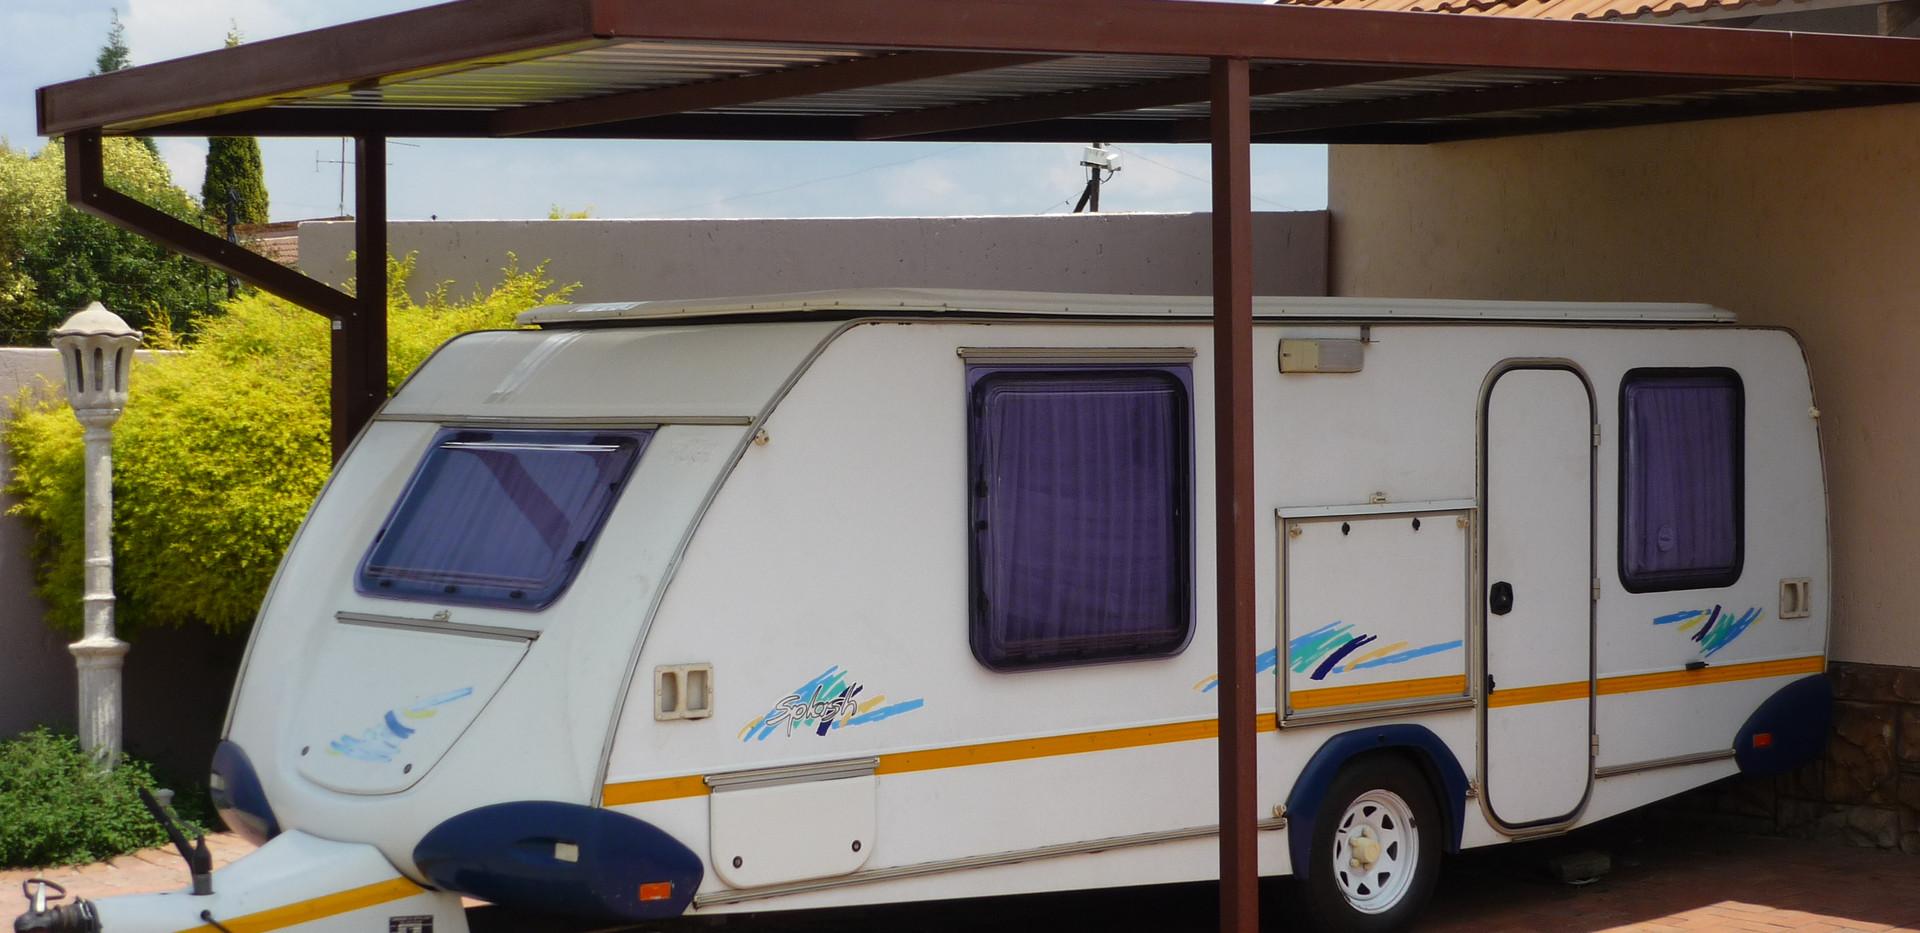 Caravan protected - job complete